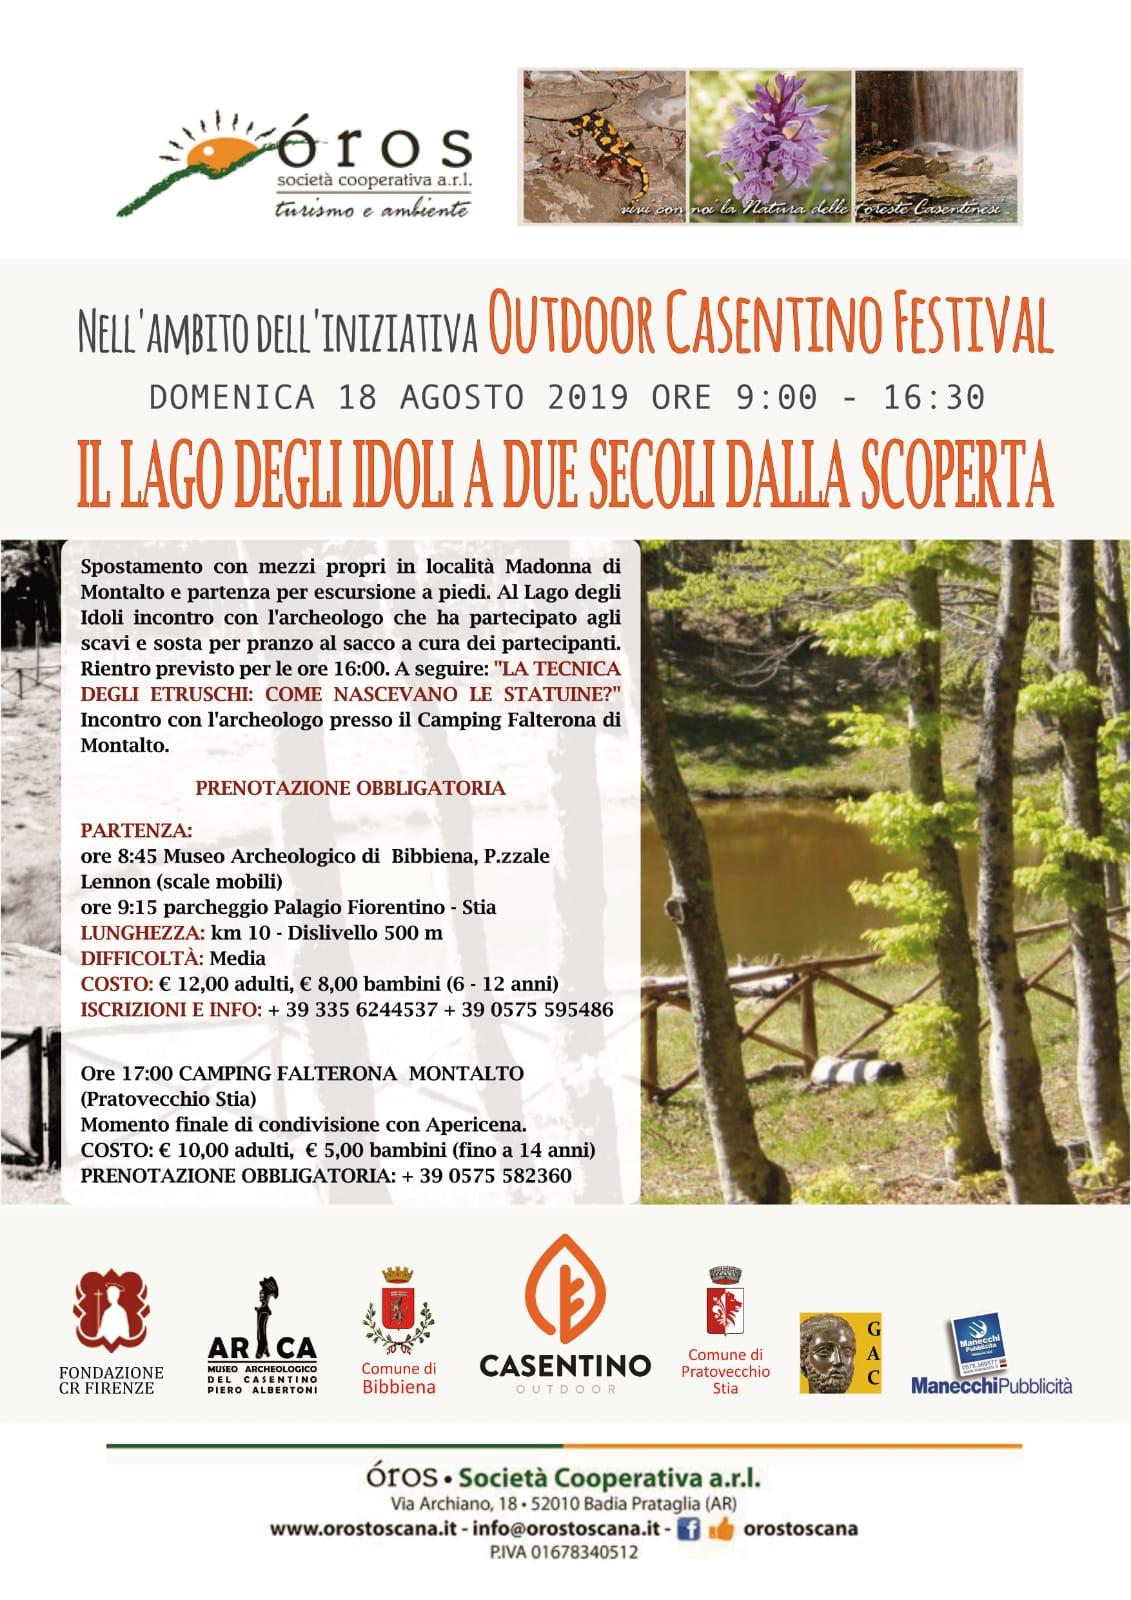 Outdoor Casentino Festival